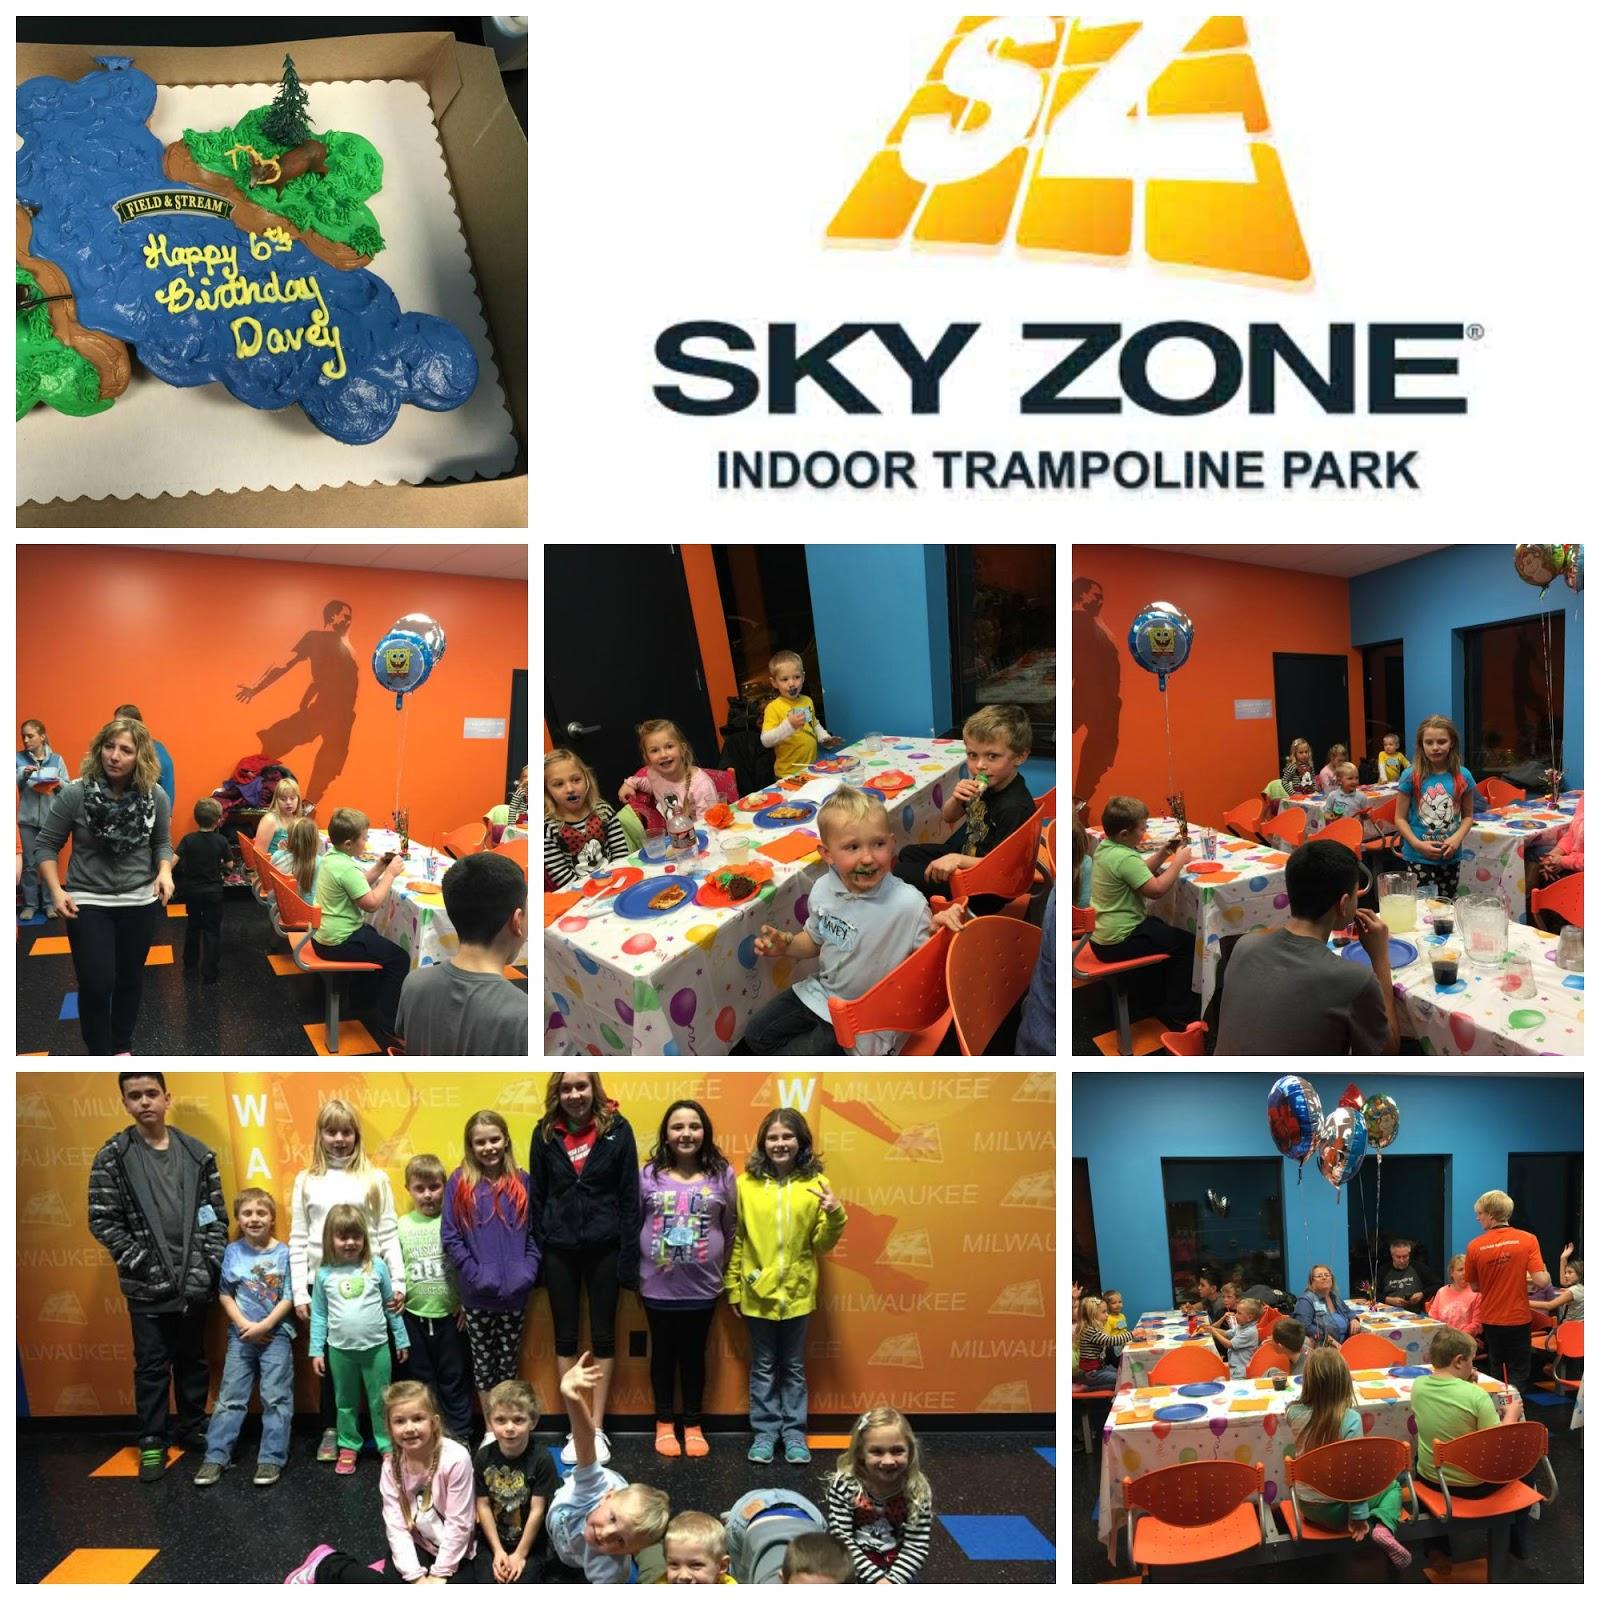 Sky Zone Milwaukee Review By Debbie Lamb